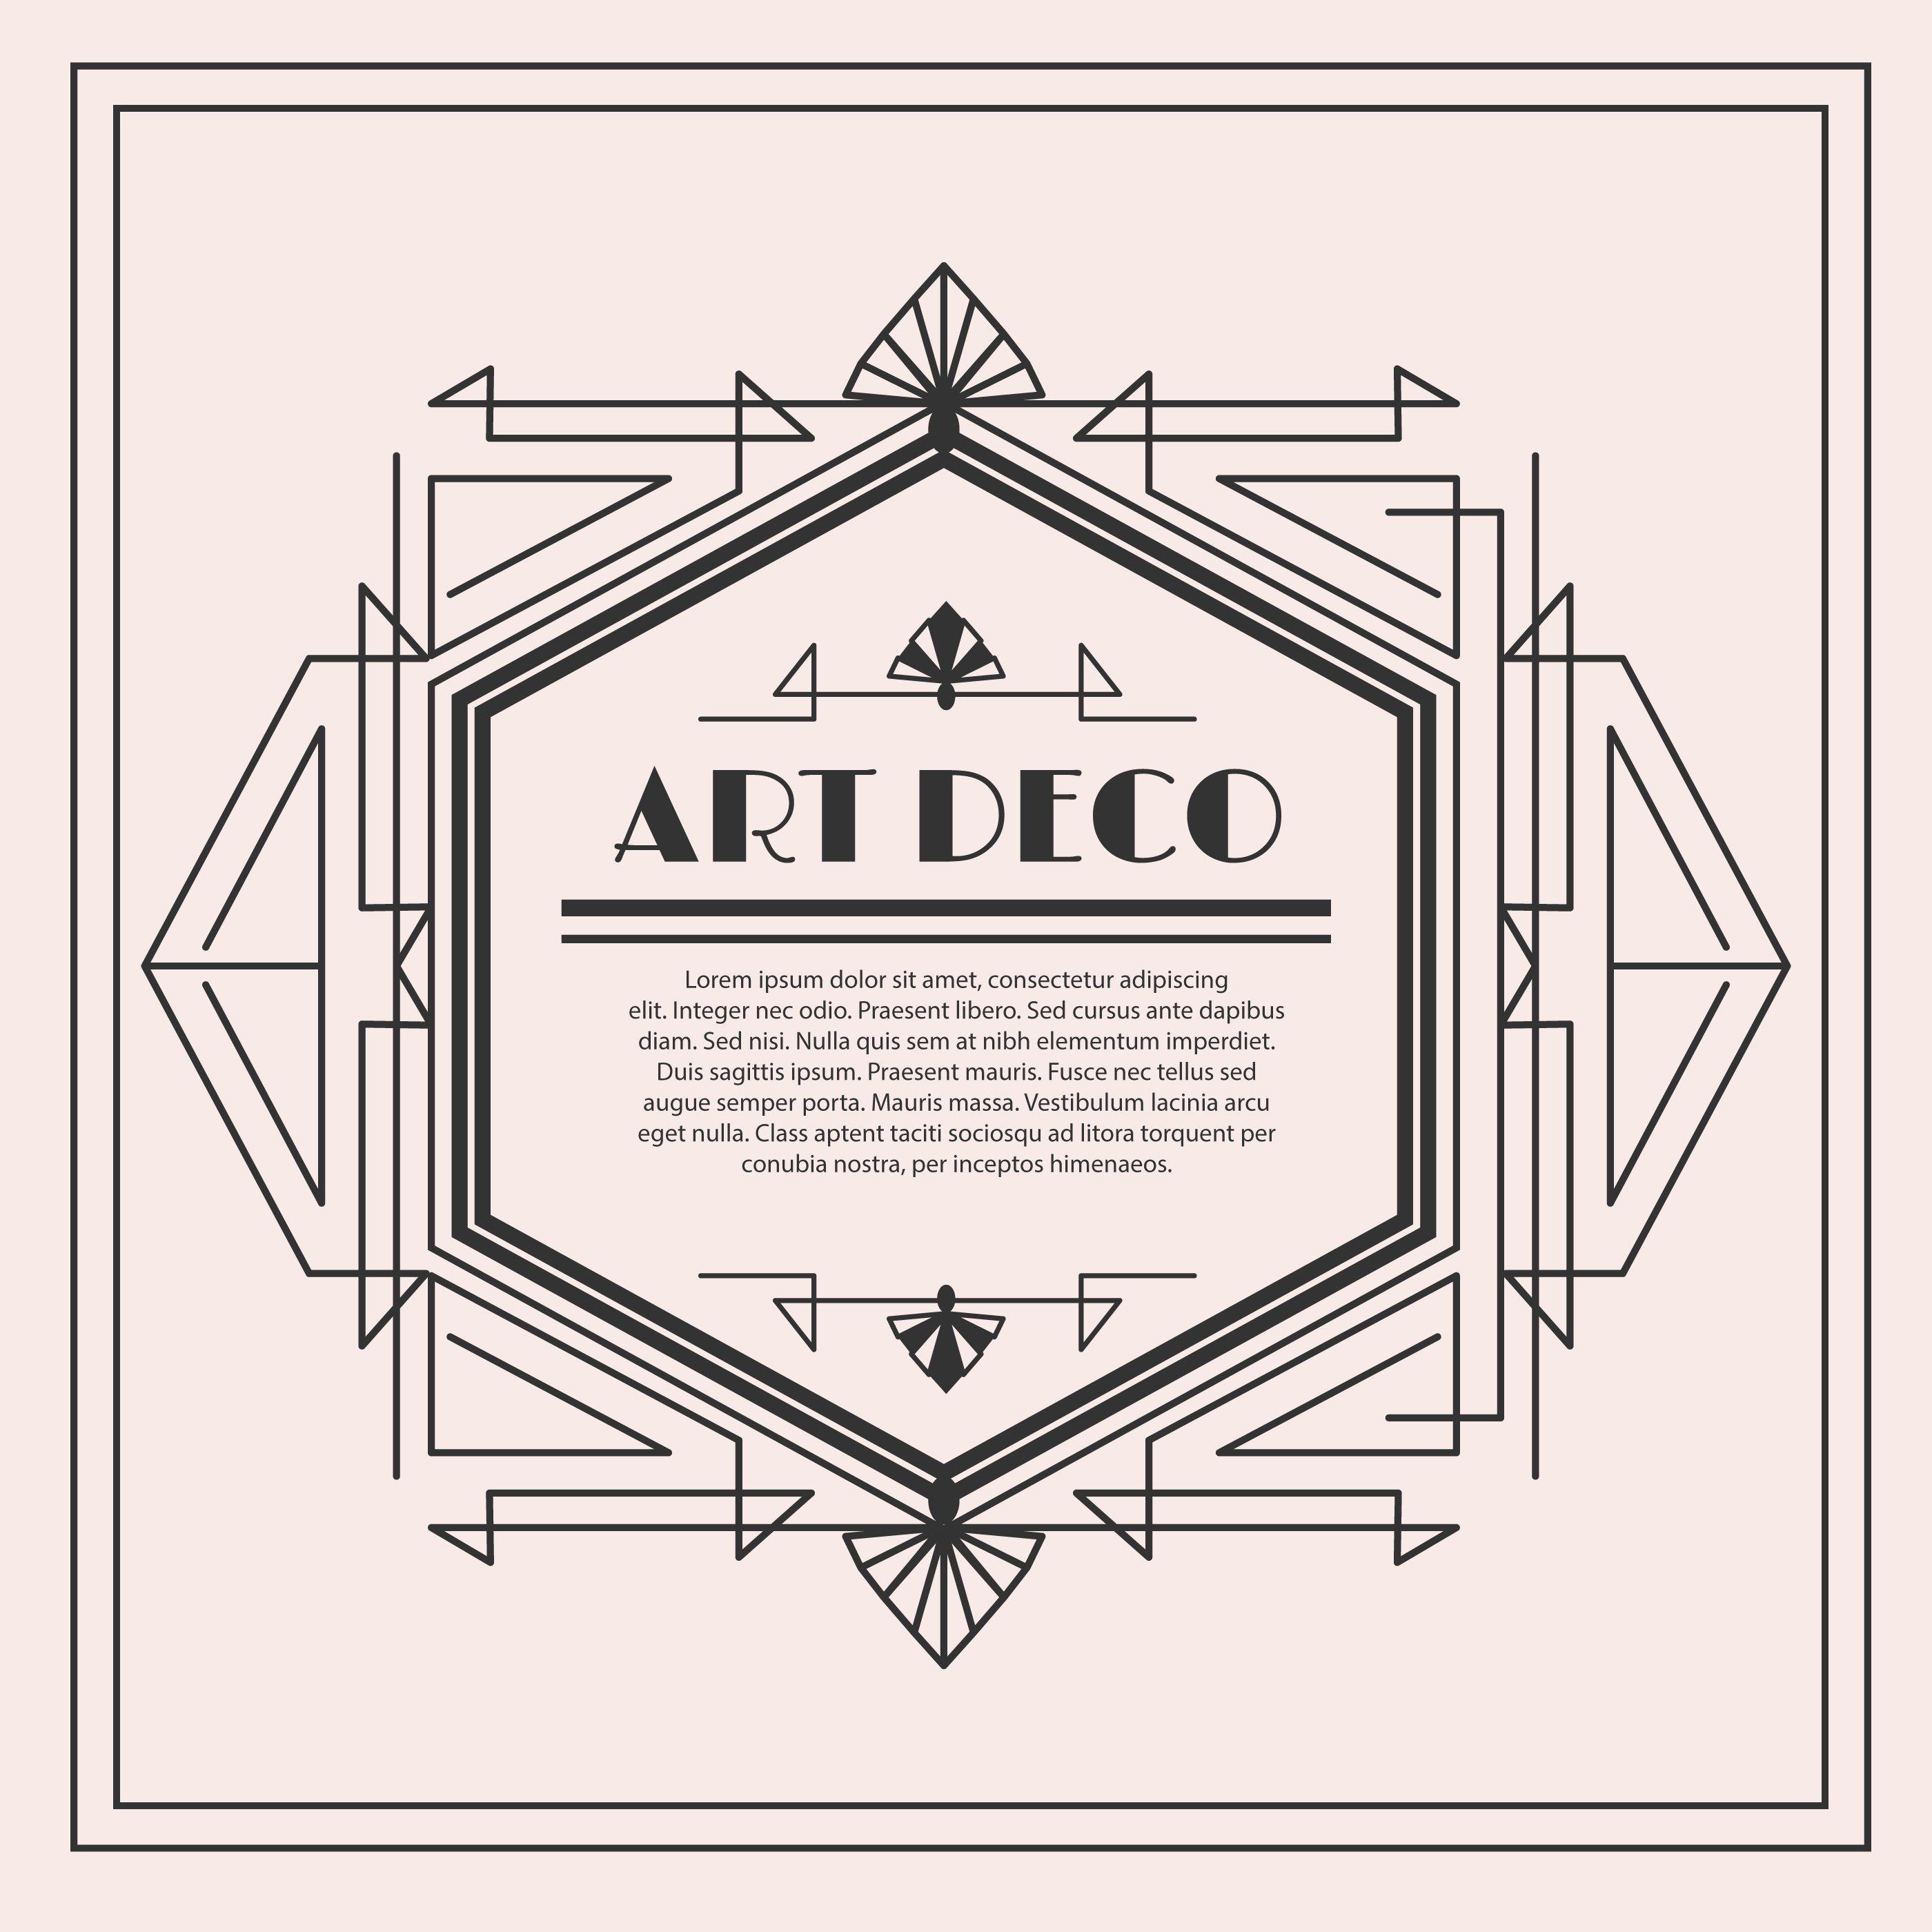 Art deco vectors clipart clip art freeuse Art Deco Vector Label | กรอบข้อความ | Deco, Vintage, Art deco clip art freeuse